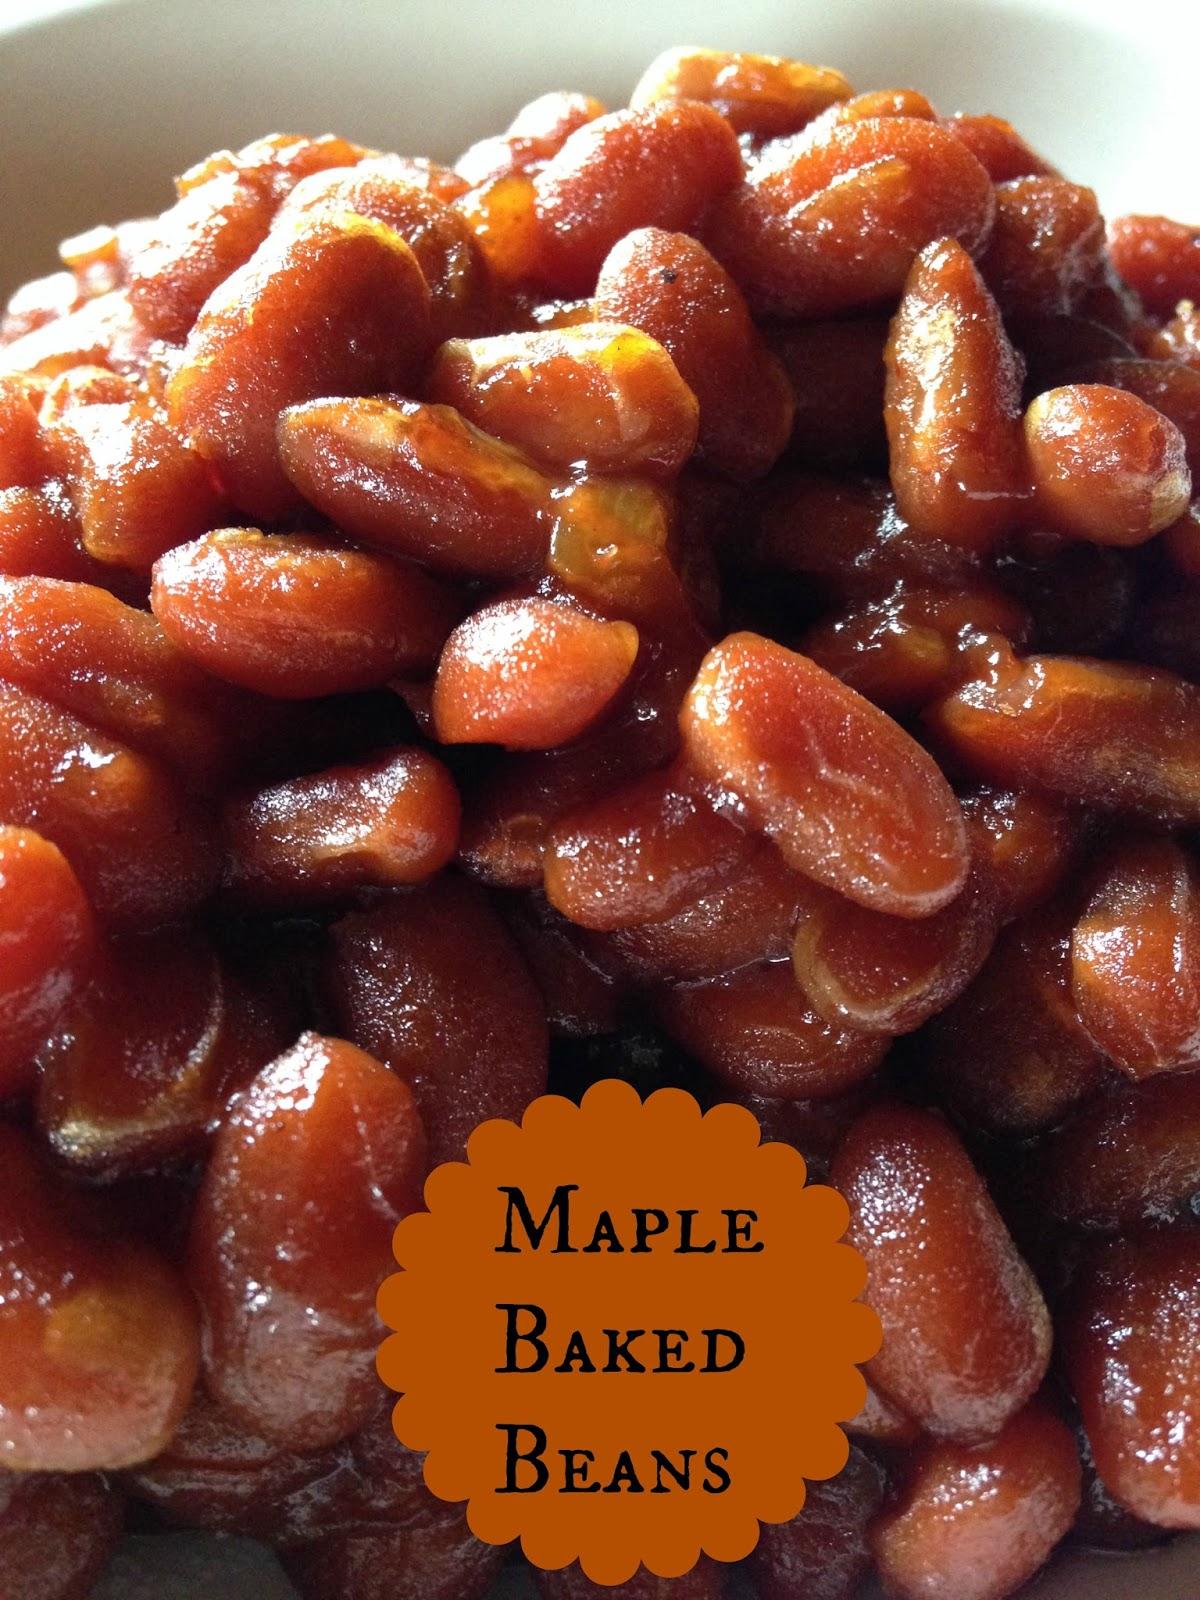 Turnips 2 Tangerines: Maple Baked Beans